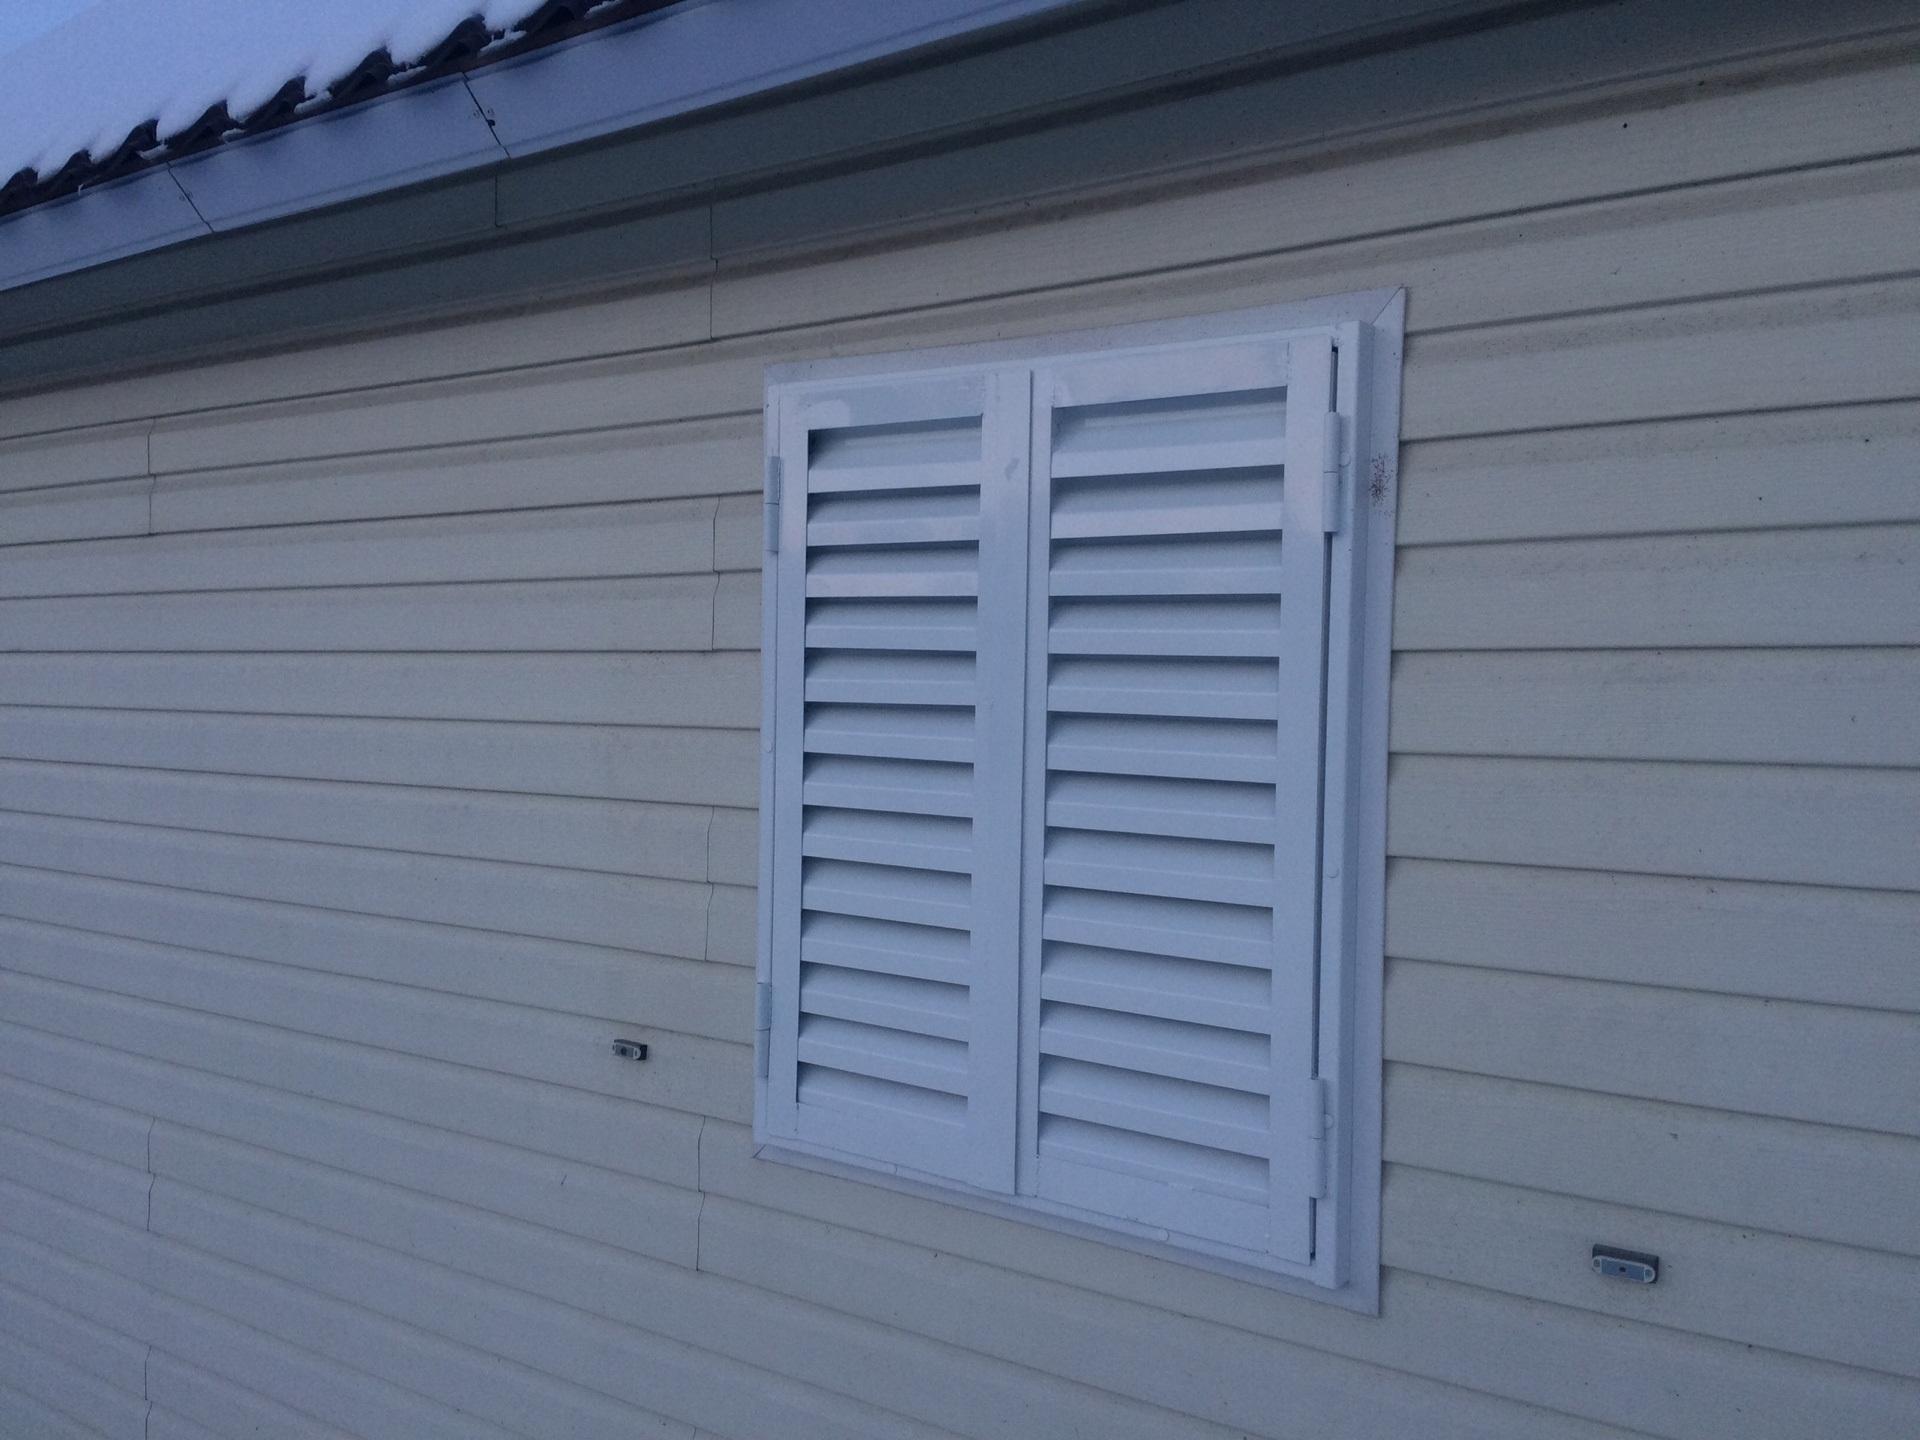 ставни жалюзи окна